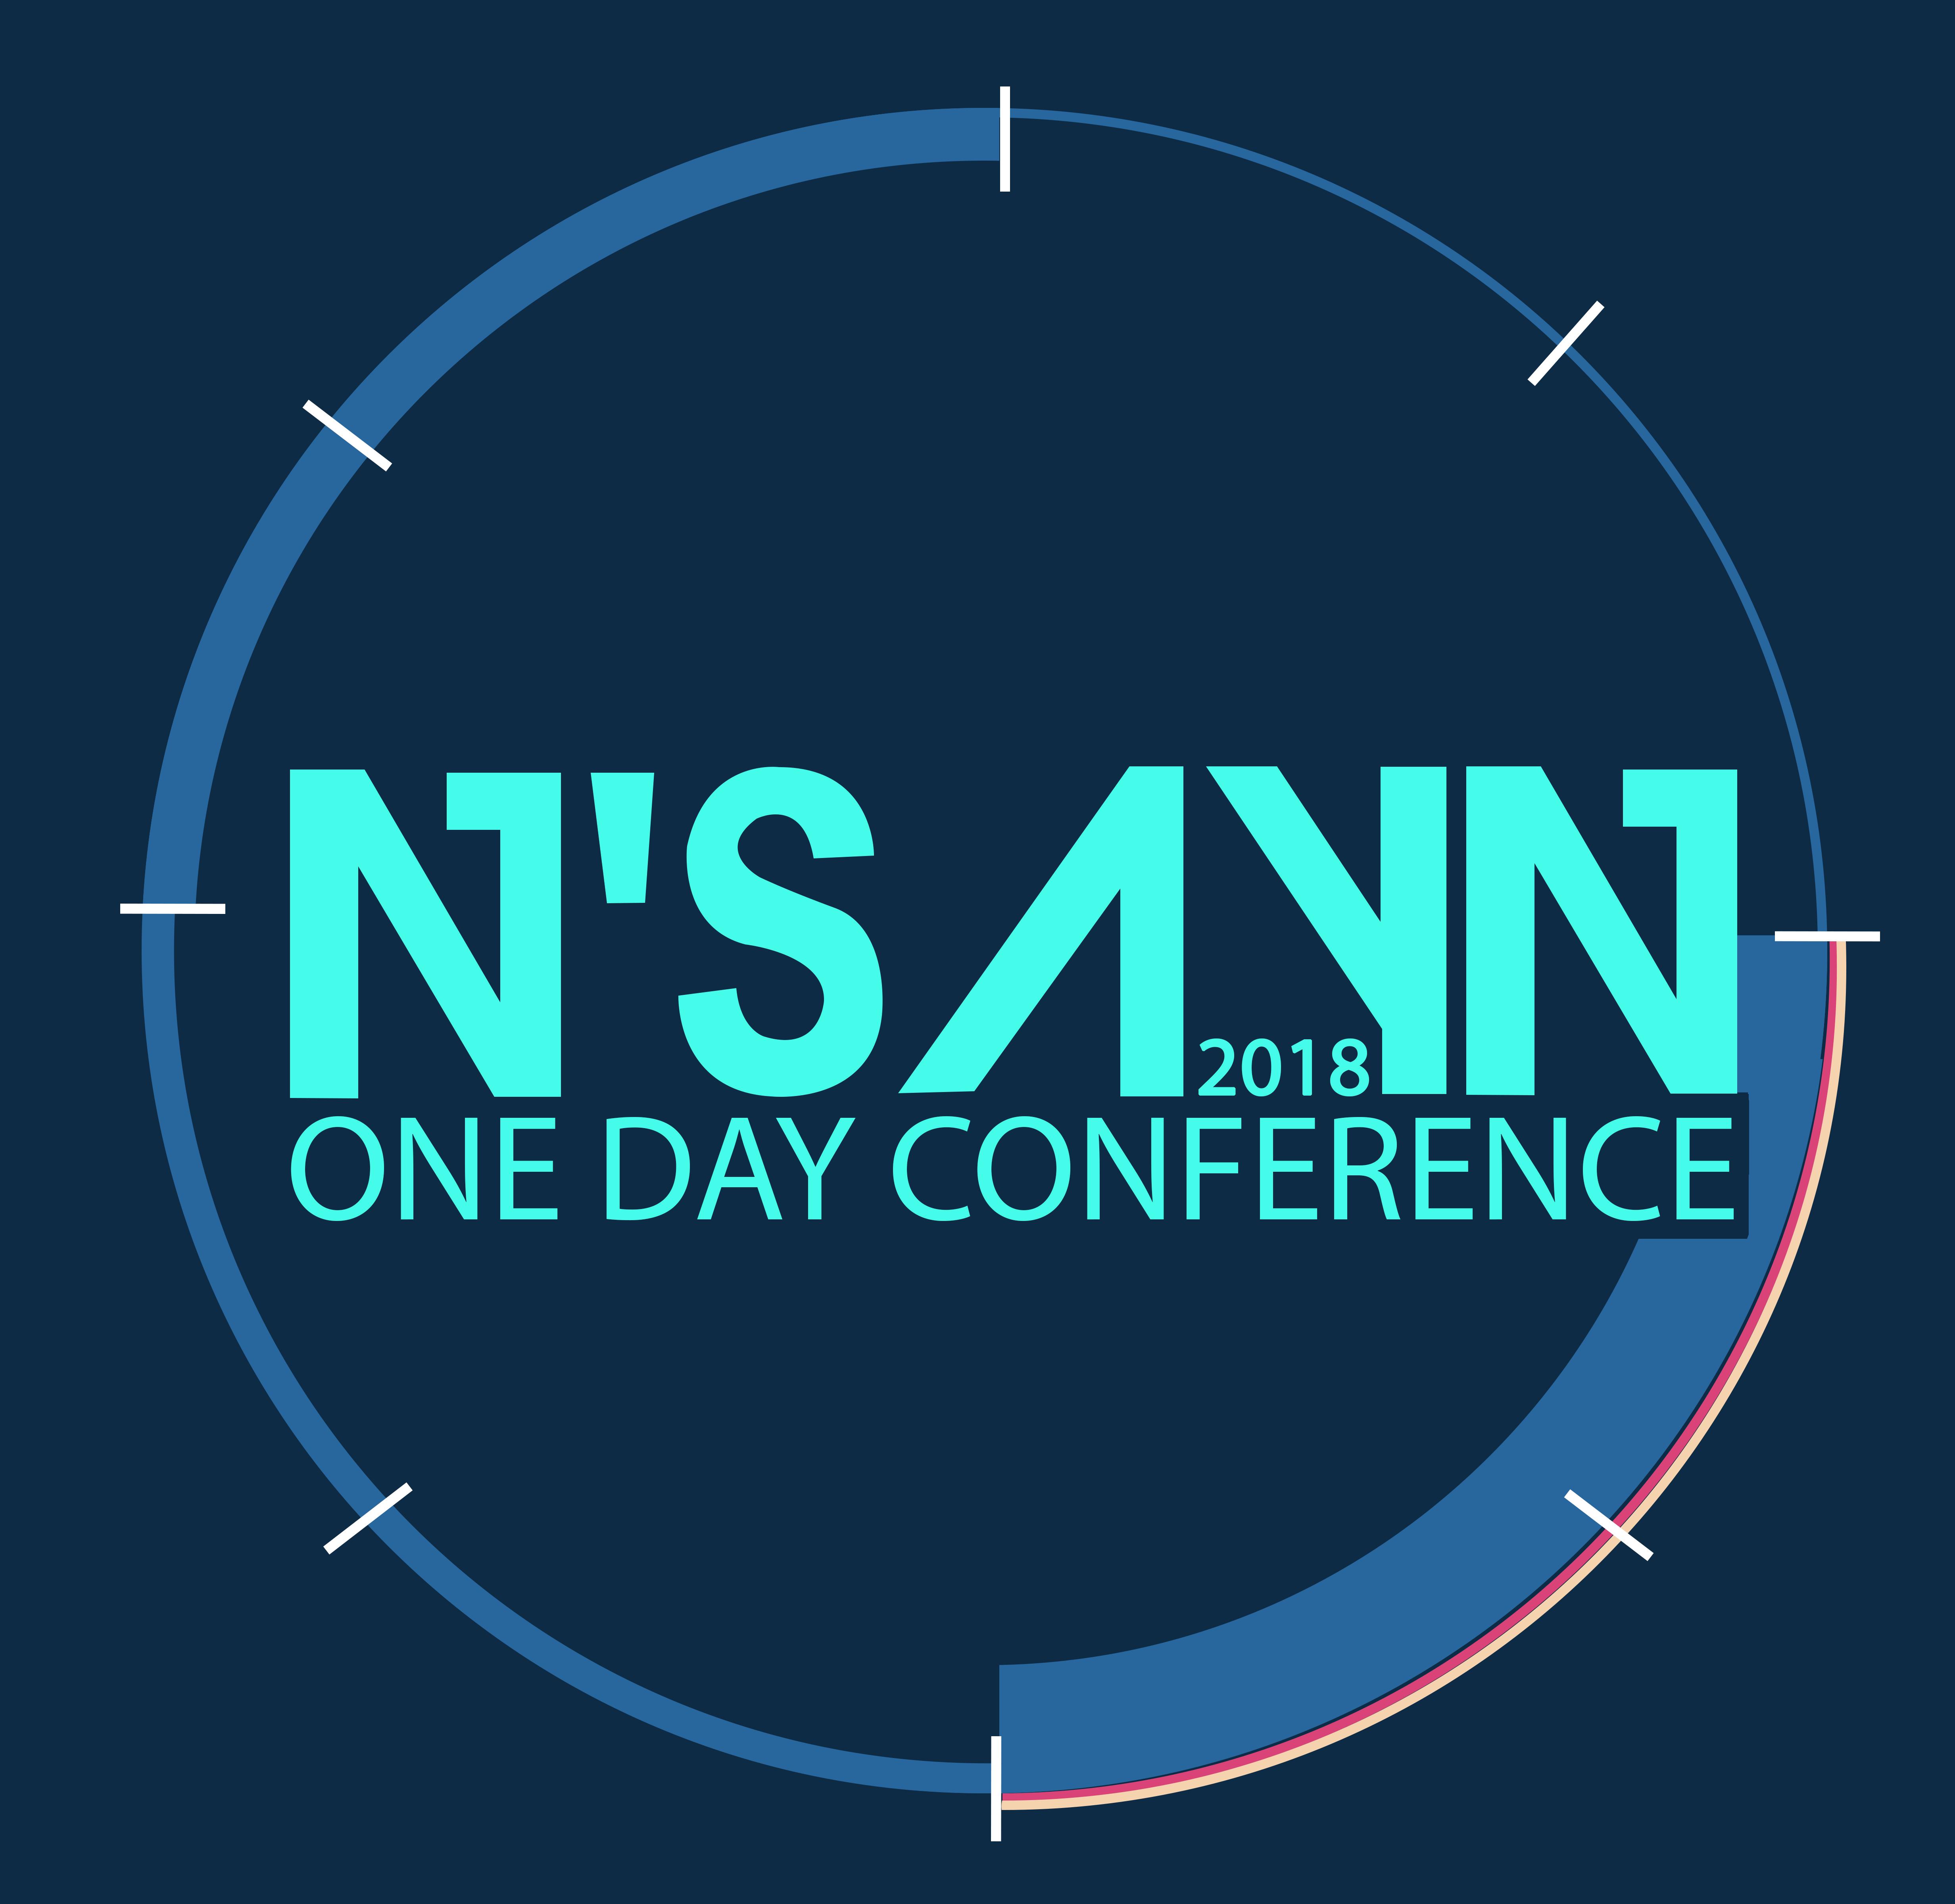 Nsayn logo